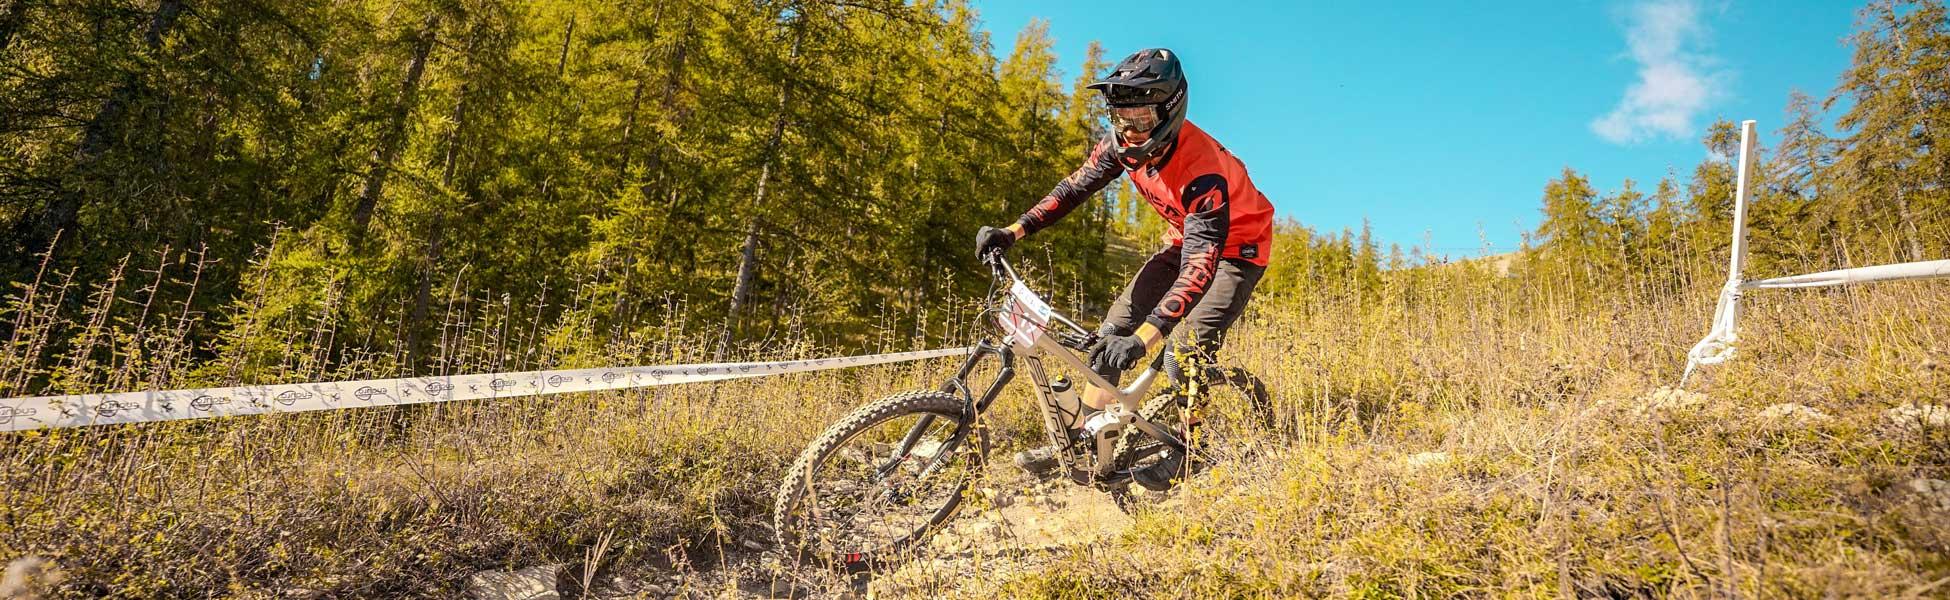 VTT Sunn Enduro trail XC sport all mountain